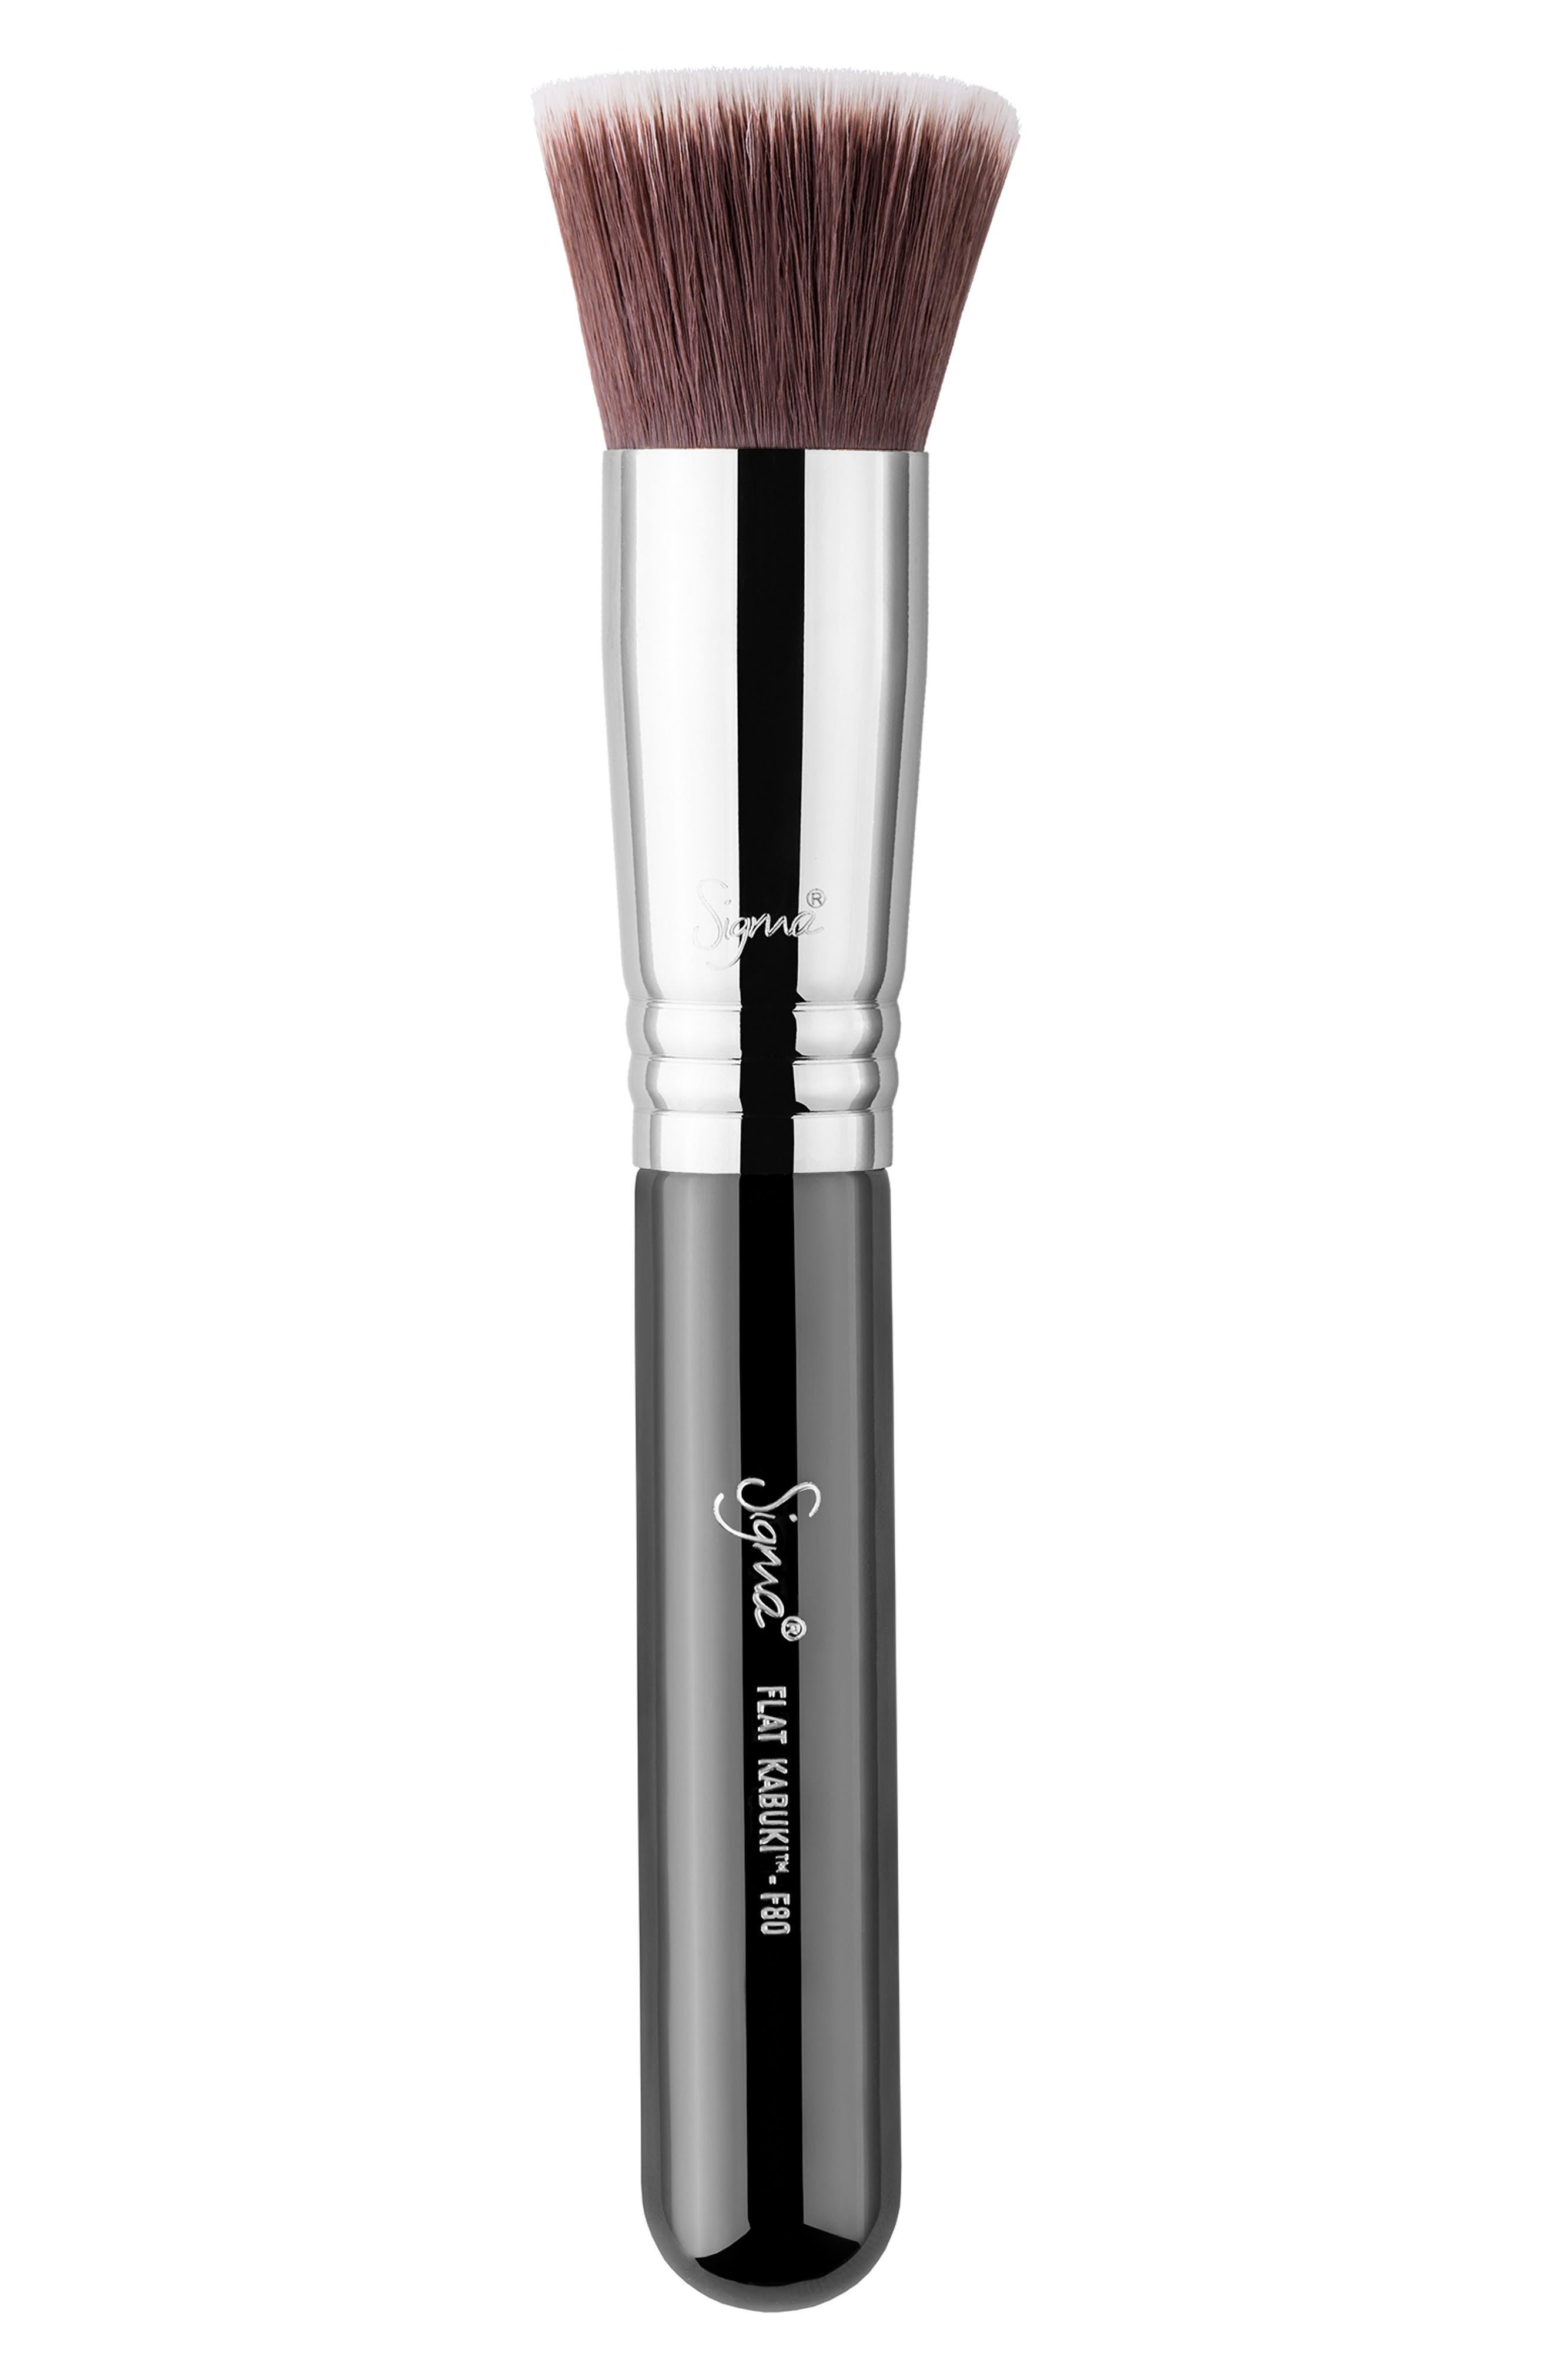 Sigma Beauty F80 Flat Kabuki™ Brush